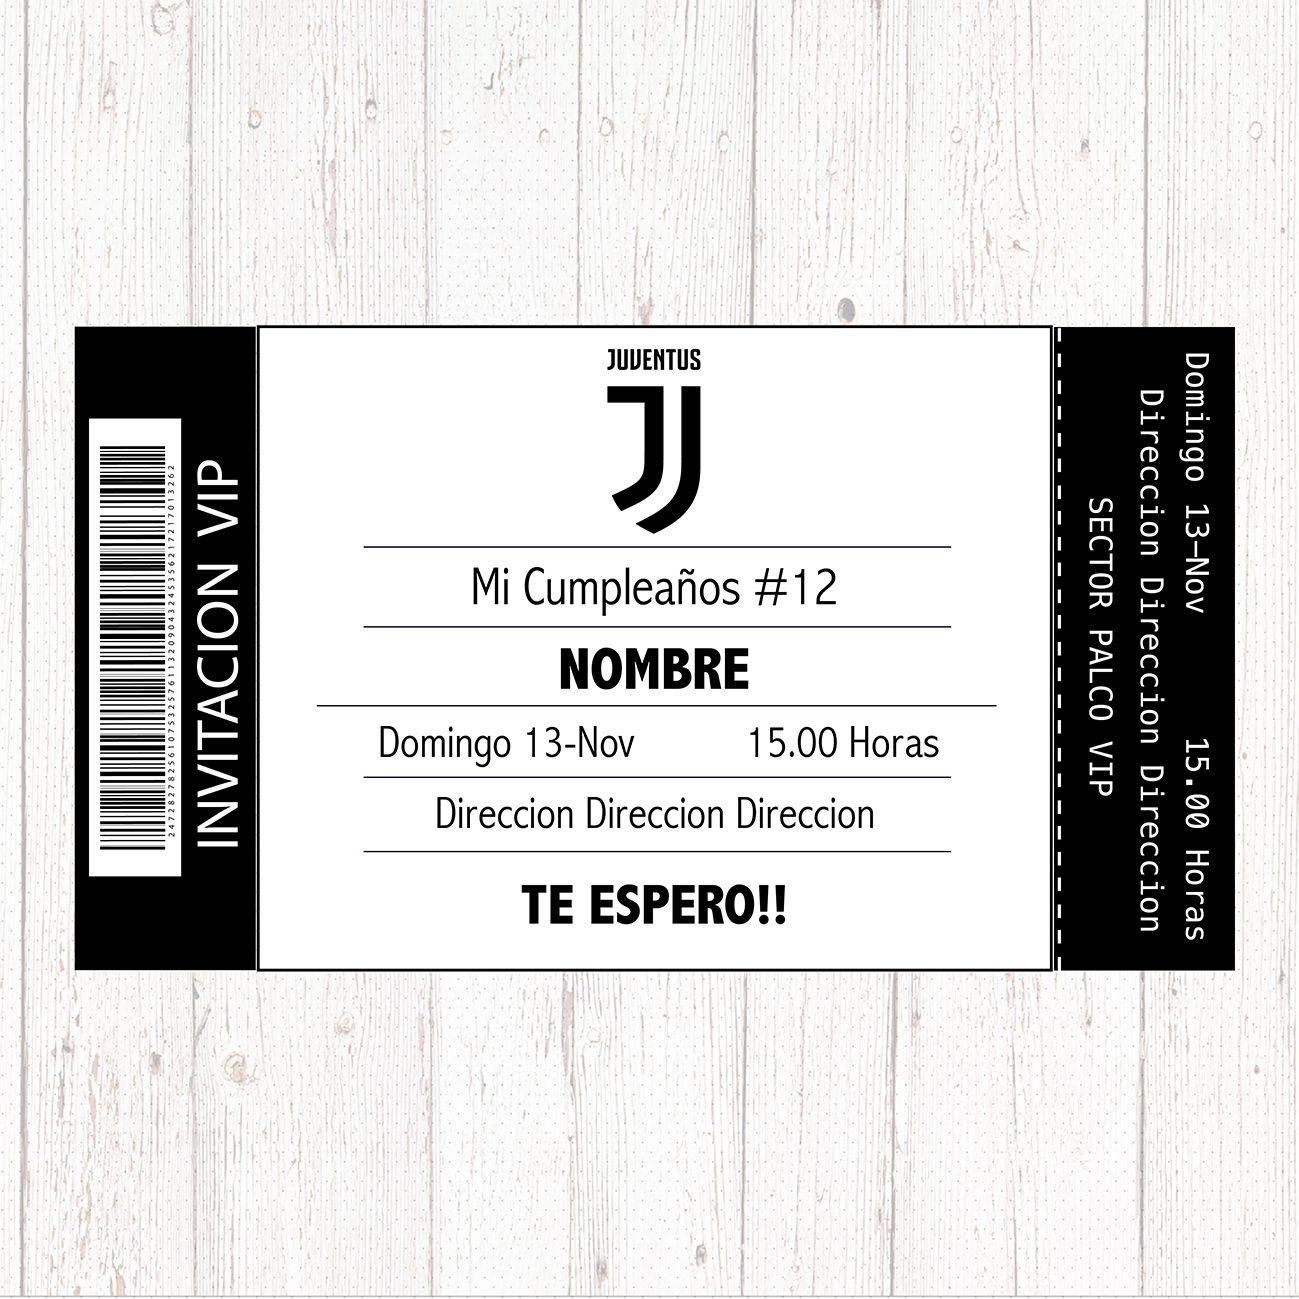 Invitación Cumpleaños Juventus Juventus Cumple